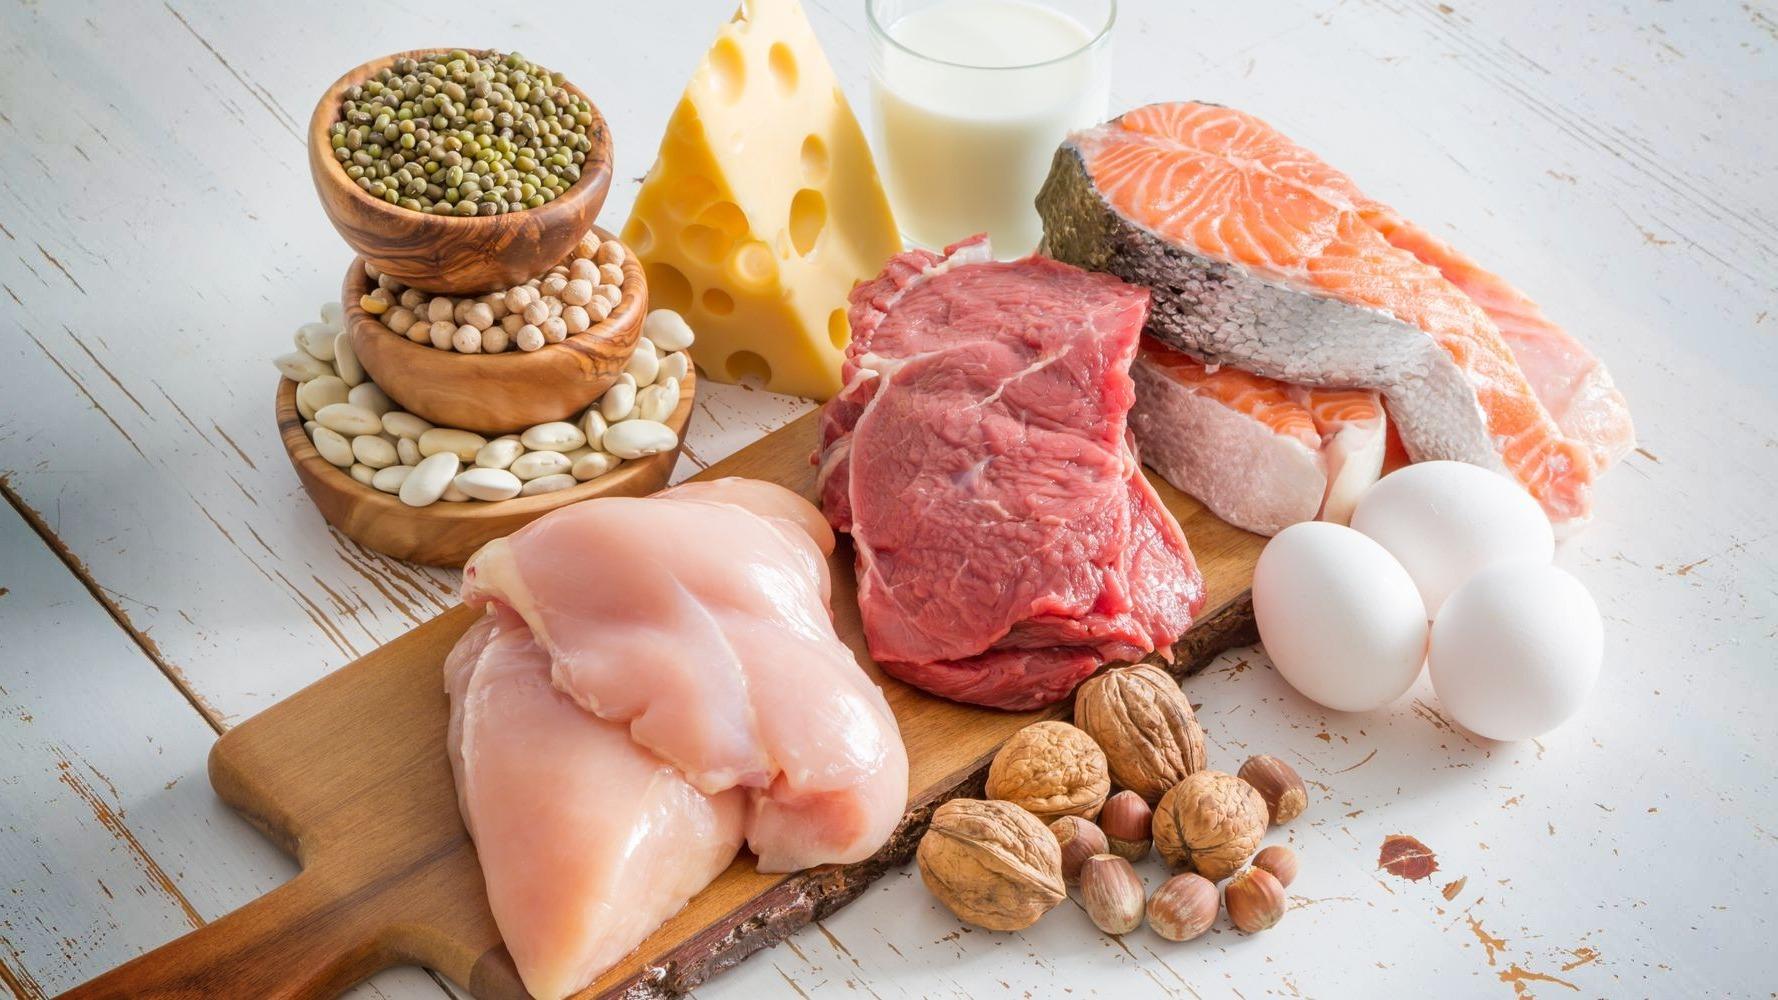 اطعمة منخفضة الكربوهيدرات من اللحوم والبيض